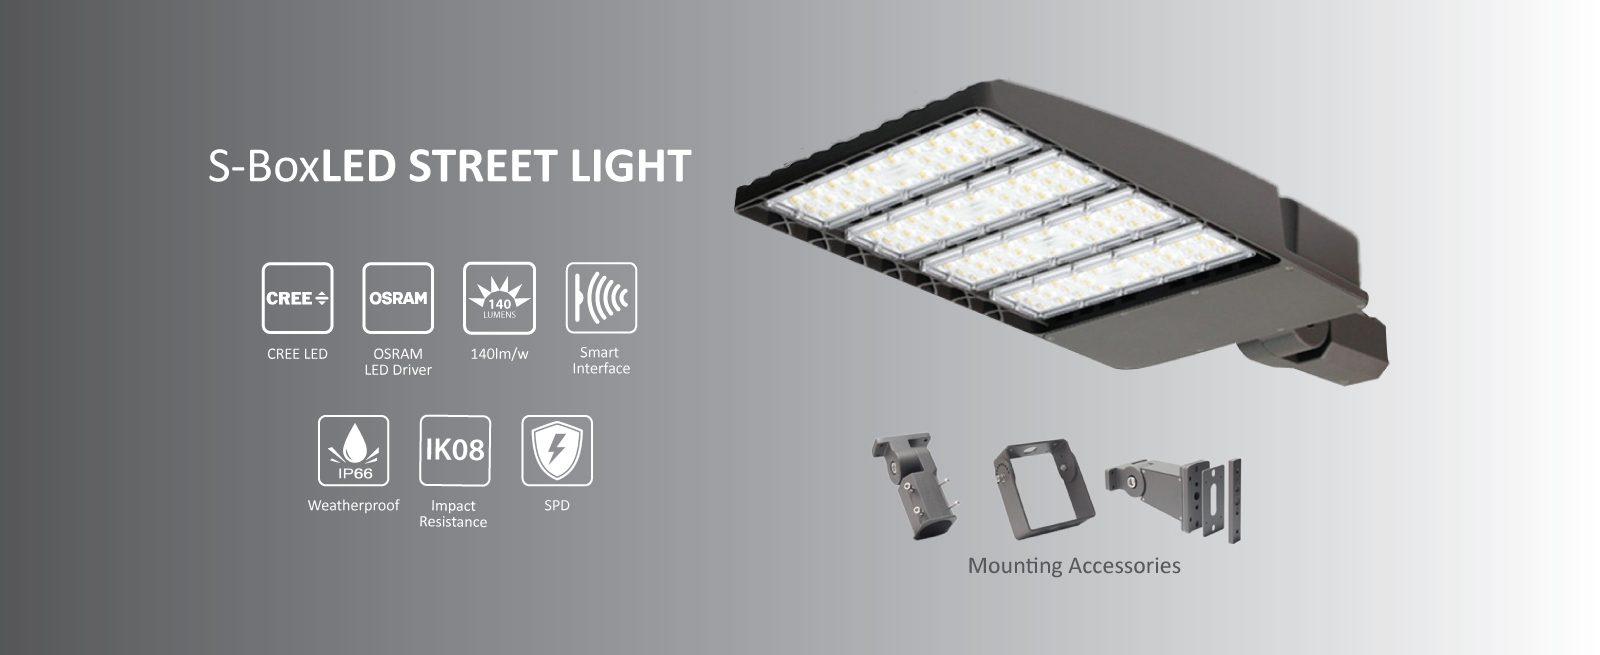 Sbox-LED-Street-Light